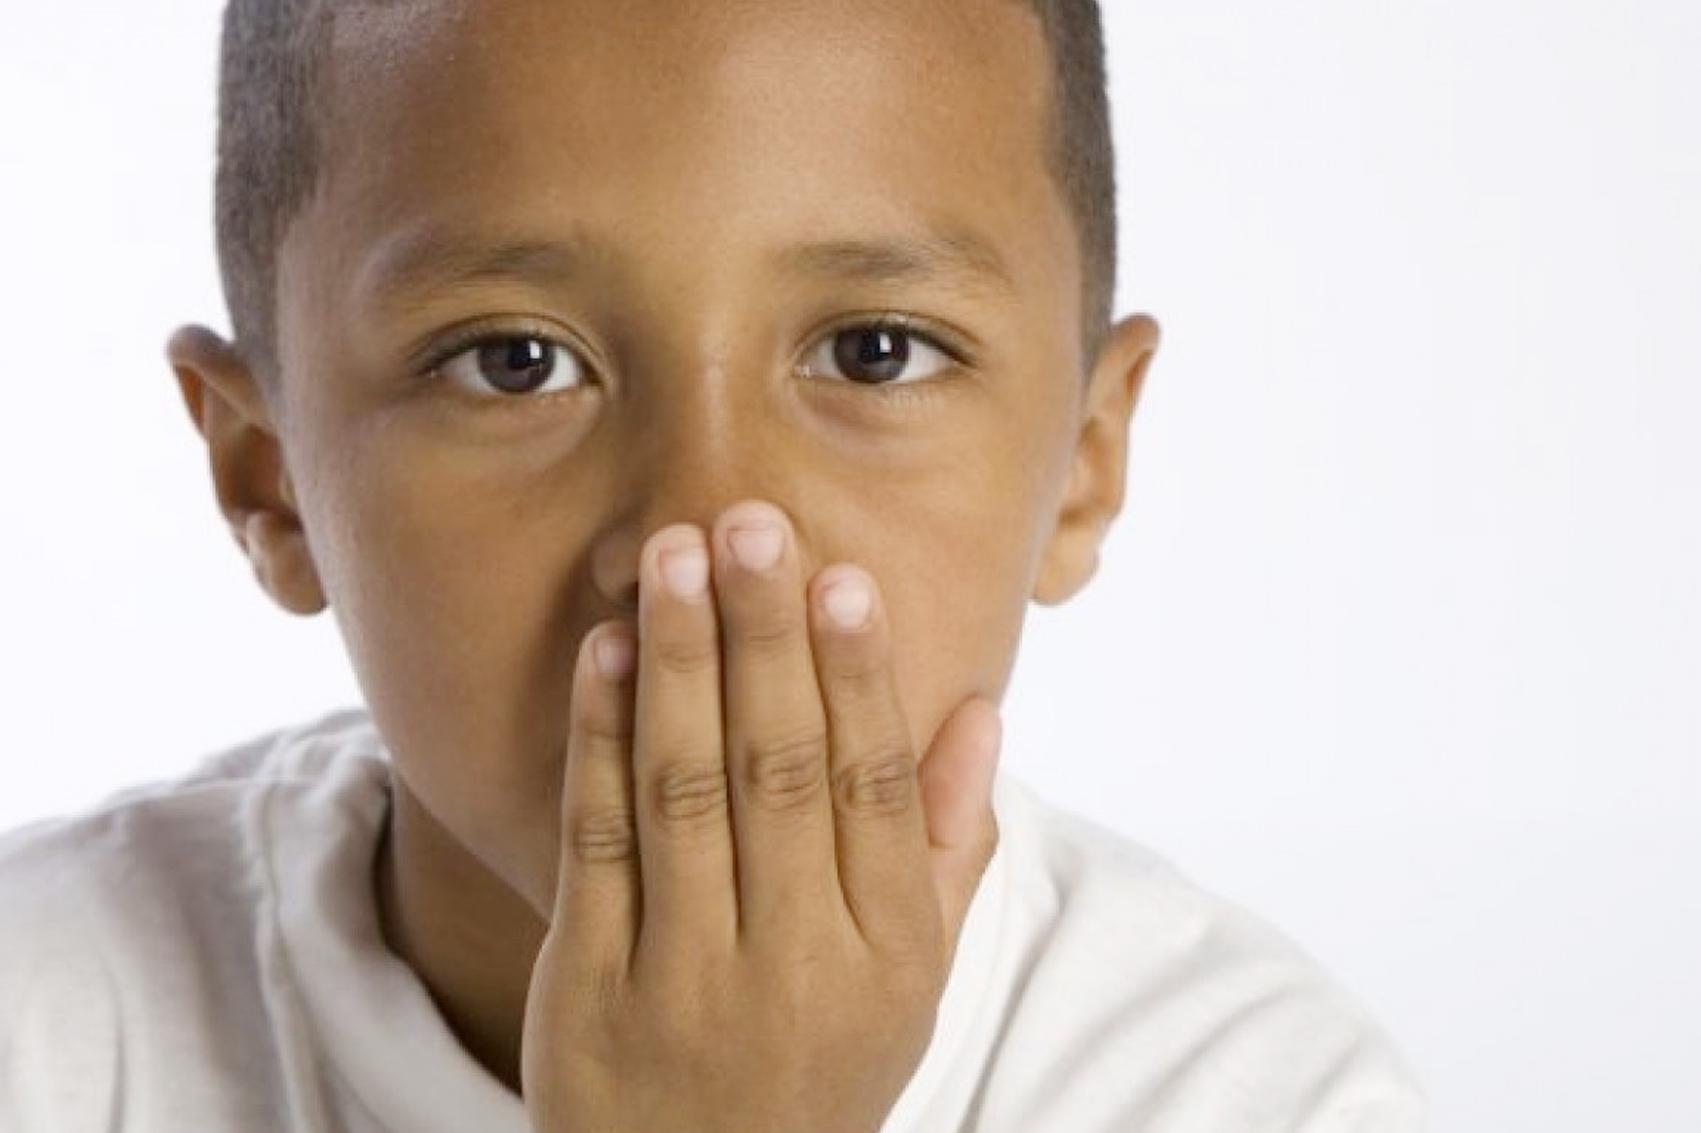 اضطرابات اللغة والكلام (اللجلجة) أسبابها وعلاجها